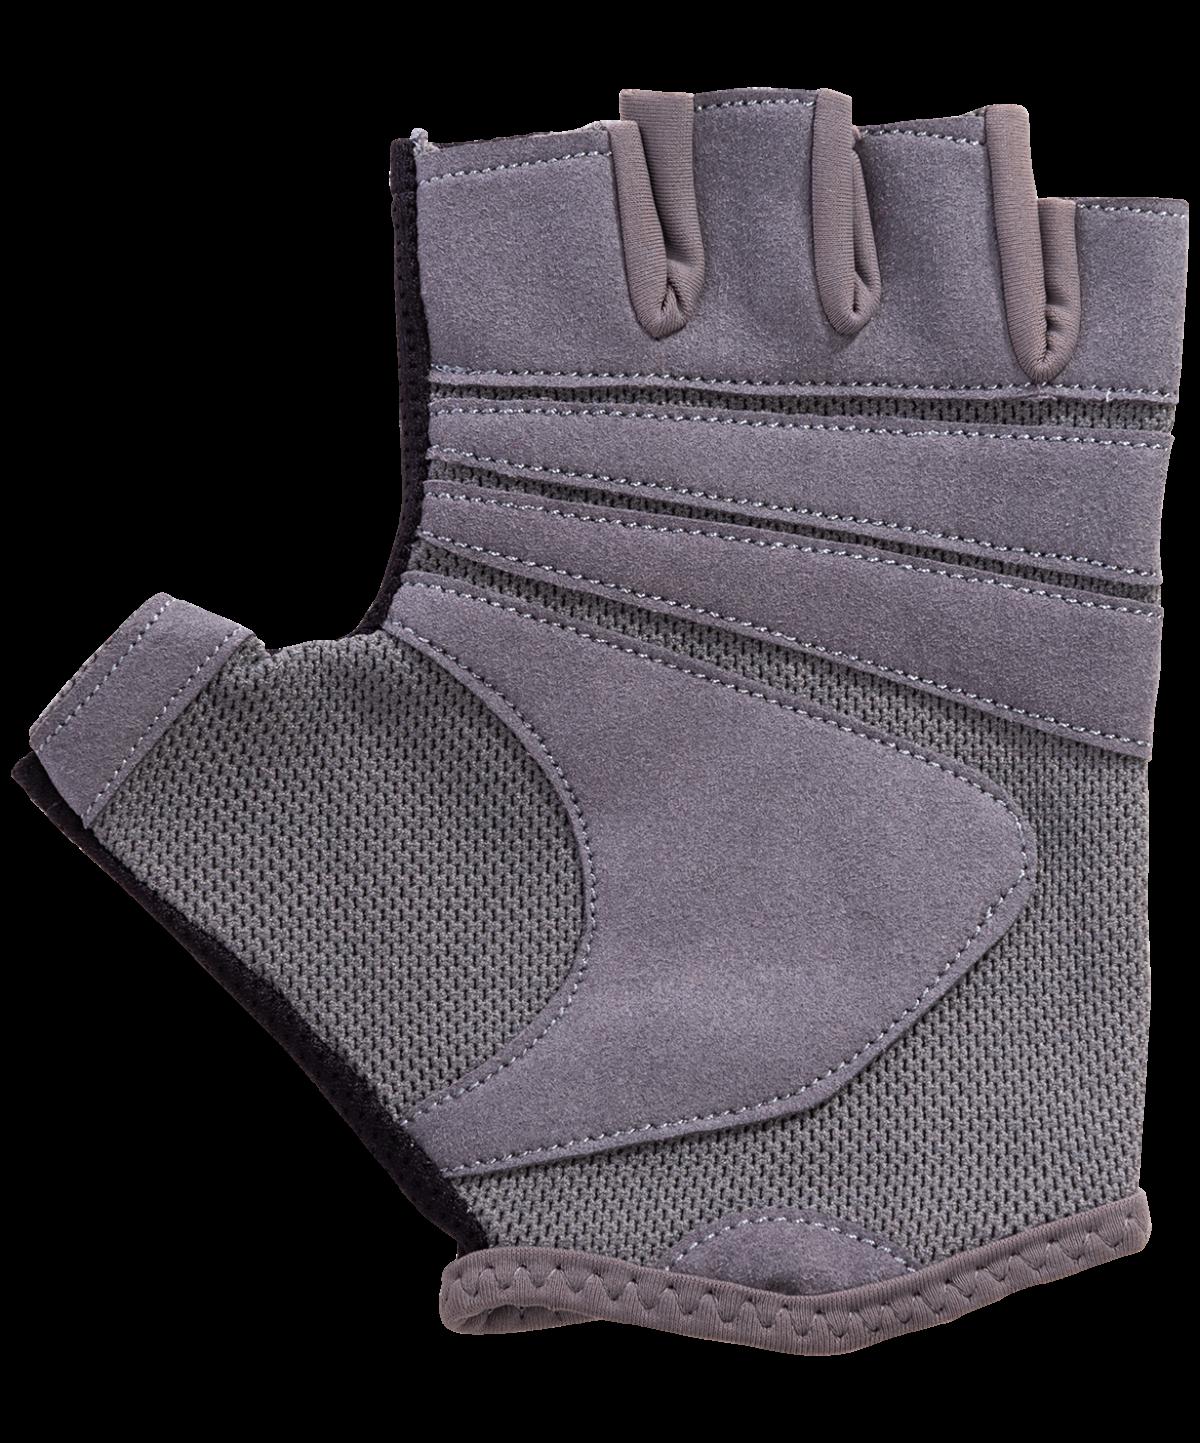 STARFIT Перчатки для фитнеса SU-127 : чёрный/серый - 4